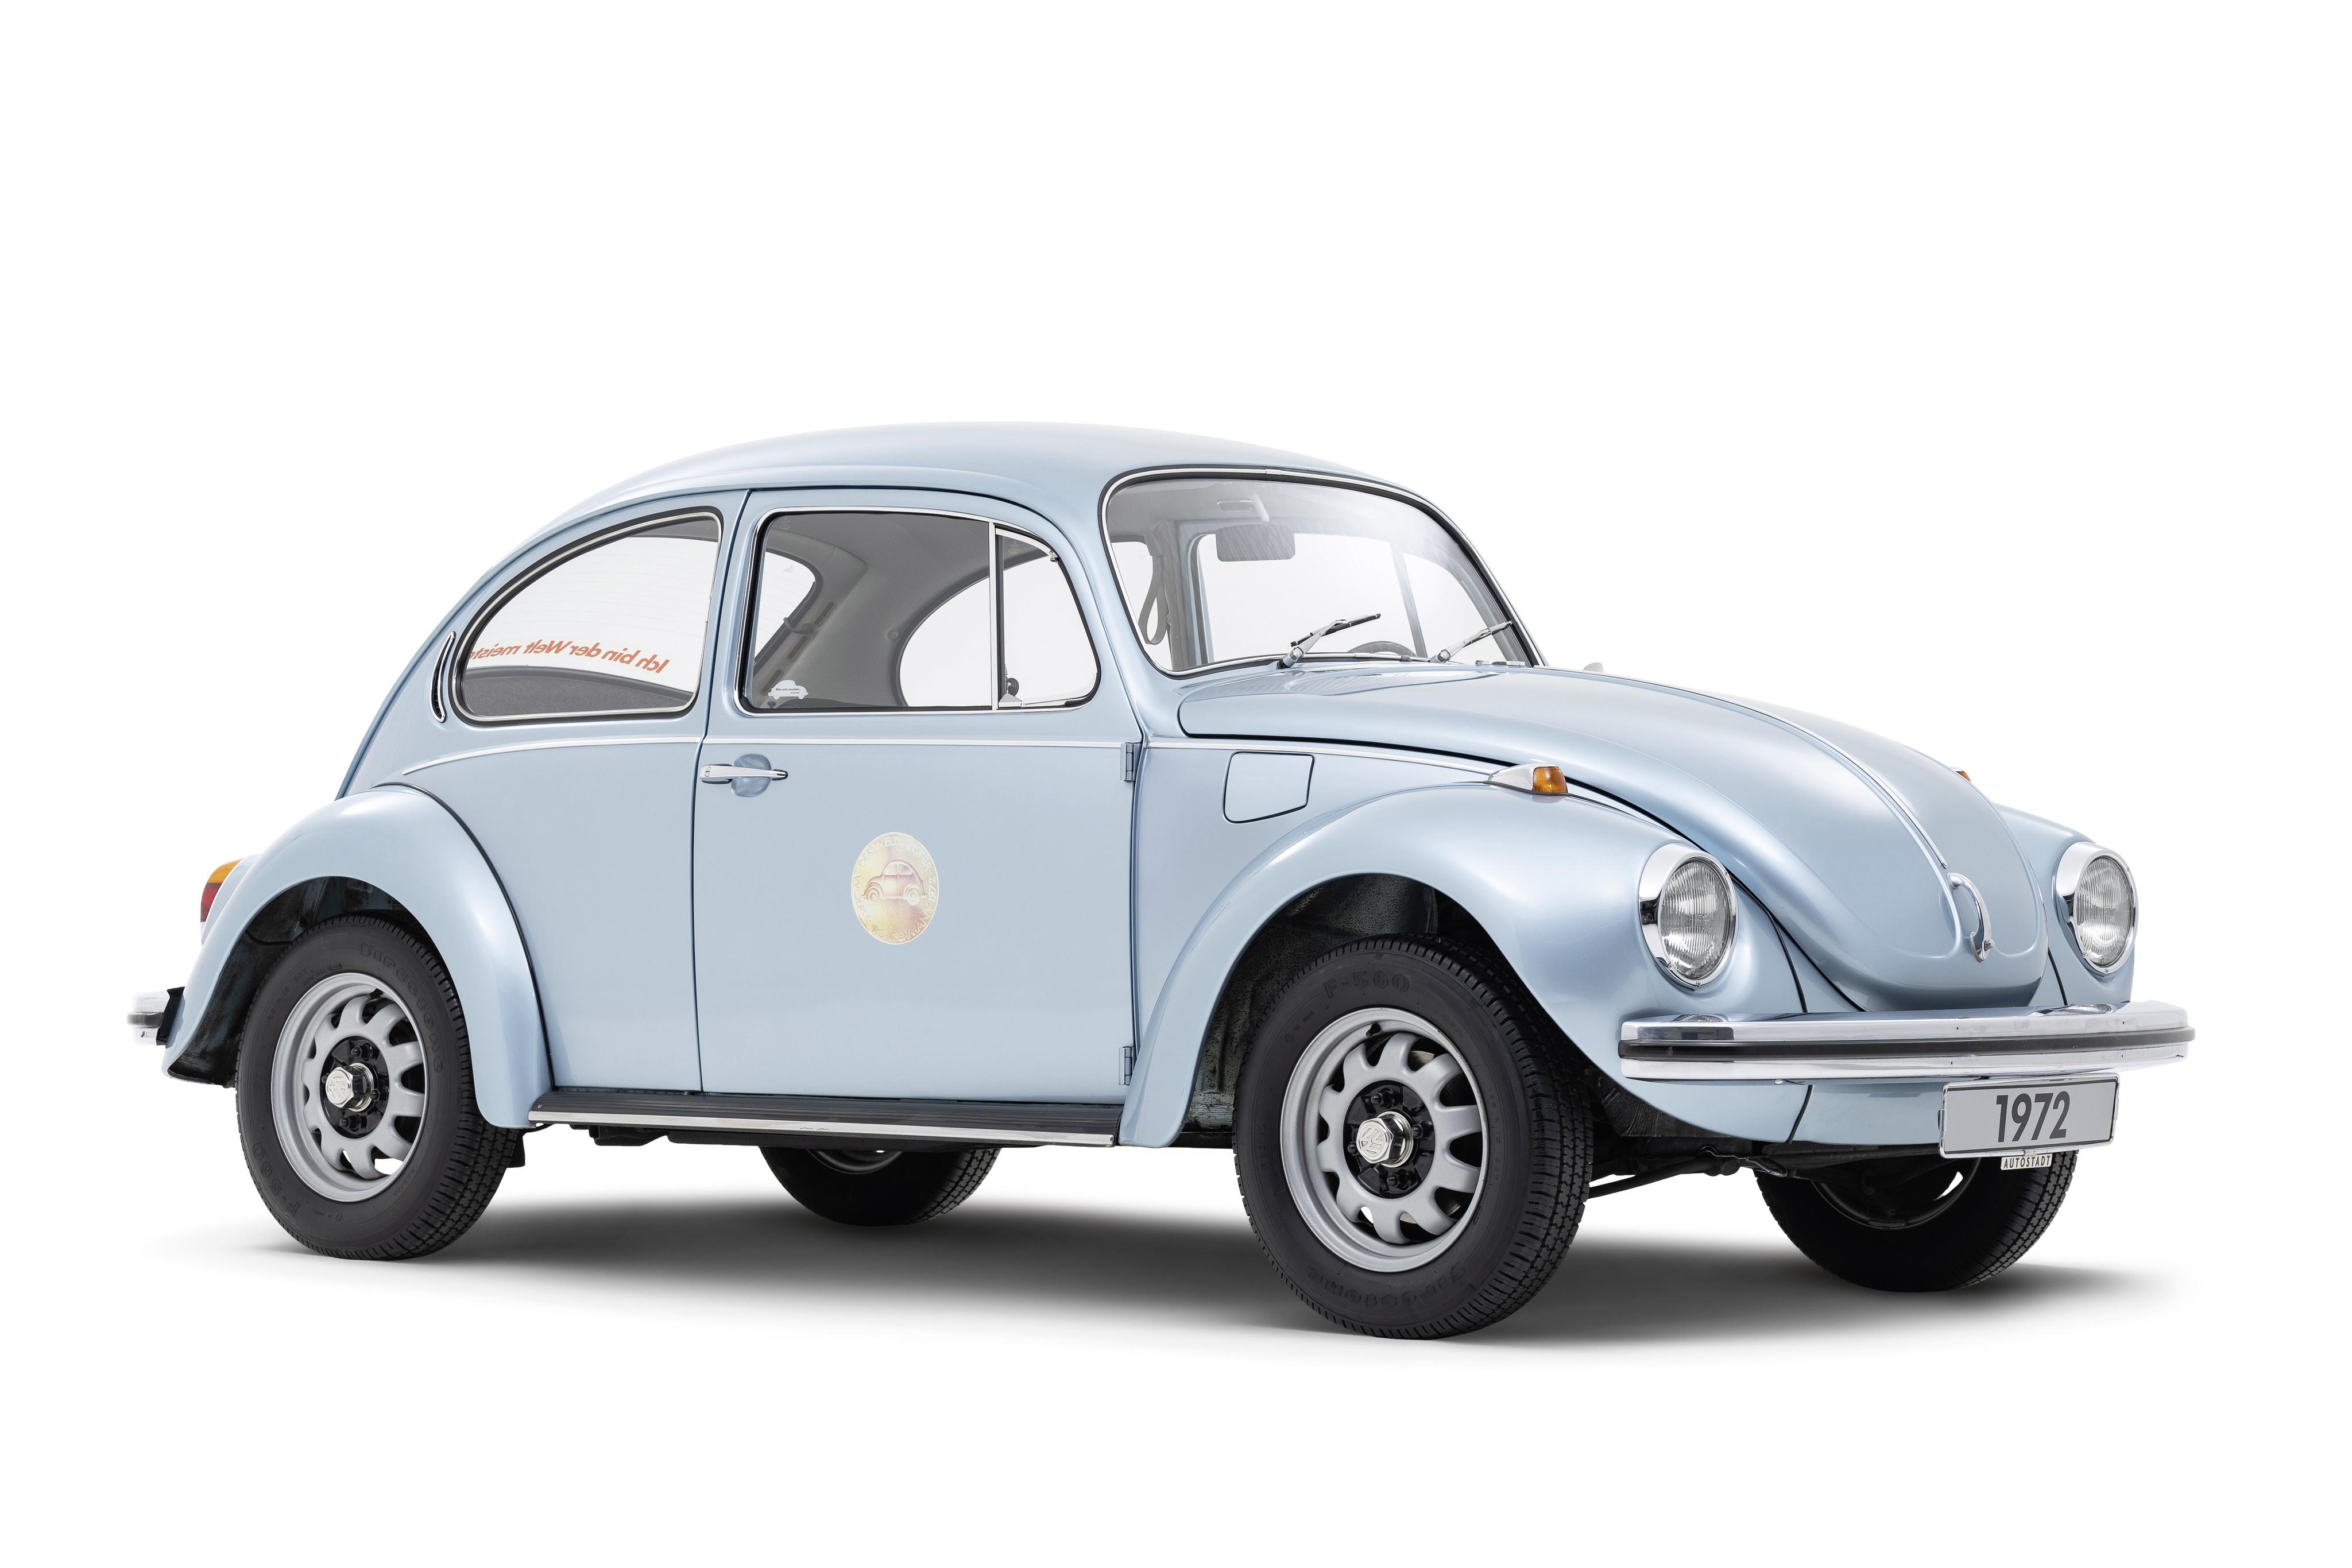 VW at Techno Classica Essen